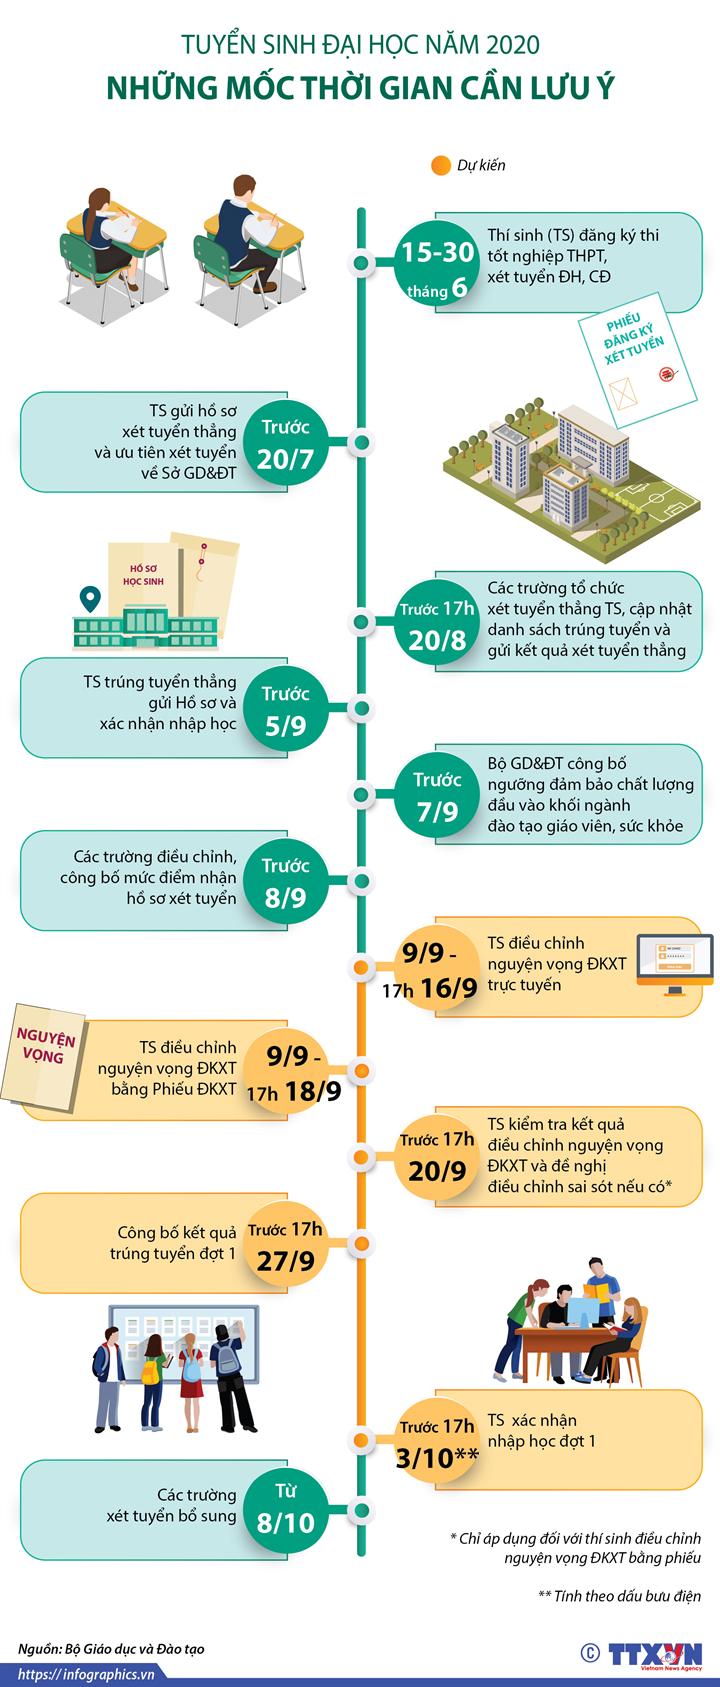 Tuyển sinh Đại học năm 2020: Những mốc thời gian thí sinh cần lưu ý